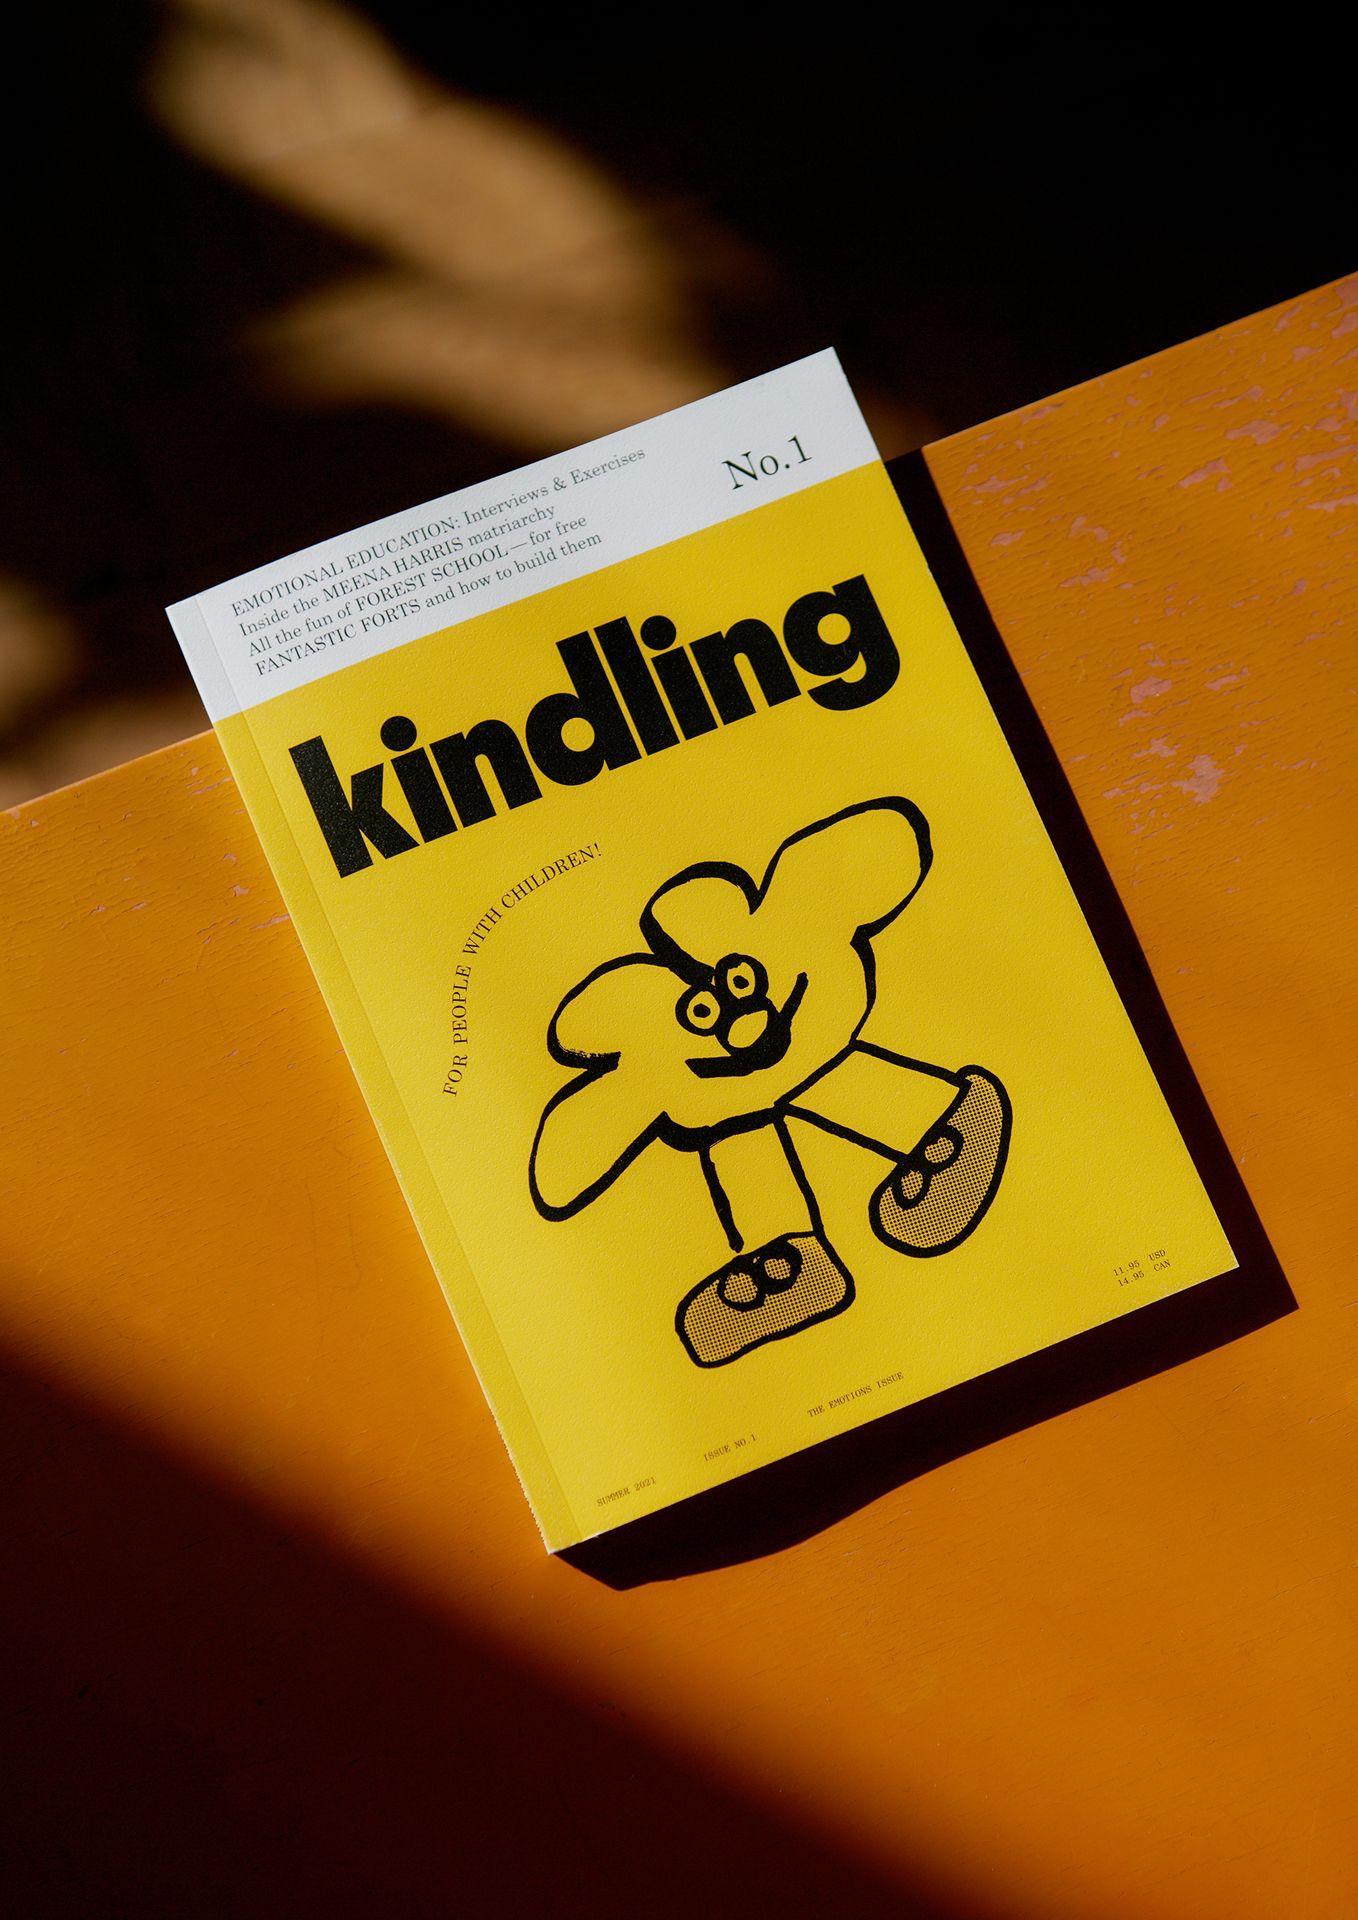 Photo du magazine Kindling avec une couverture jaune et un dessin noir par un enfant sur une table orange.